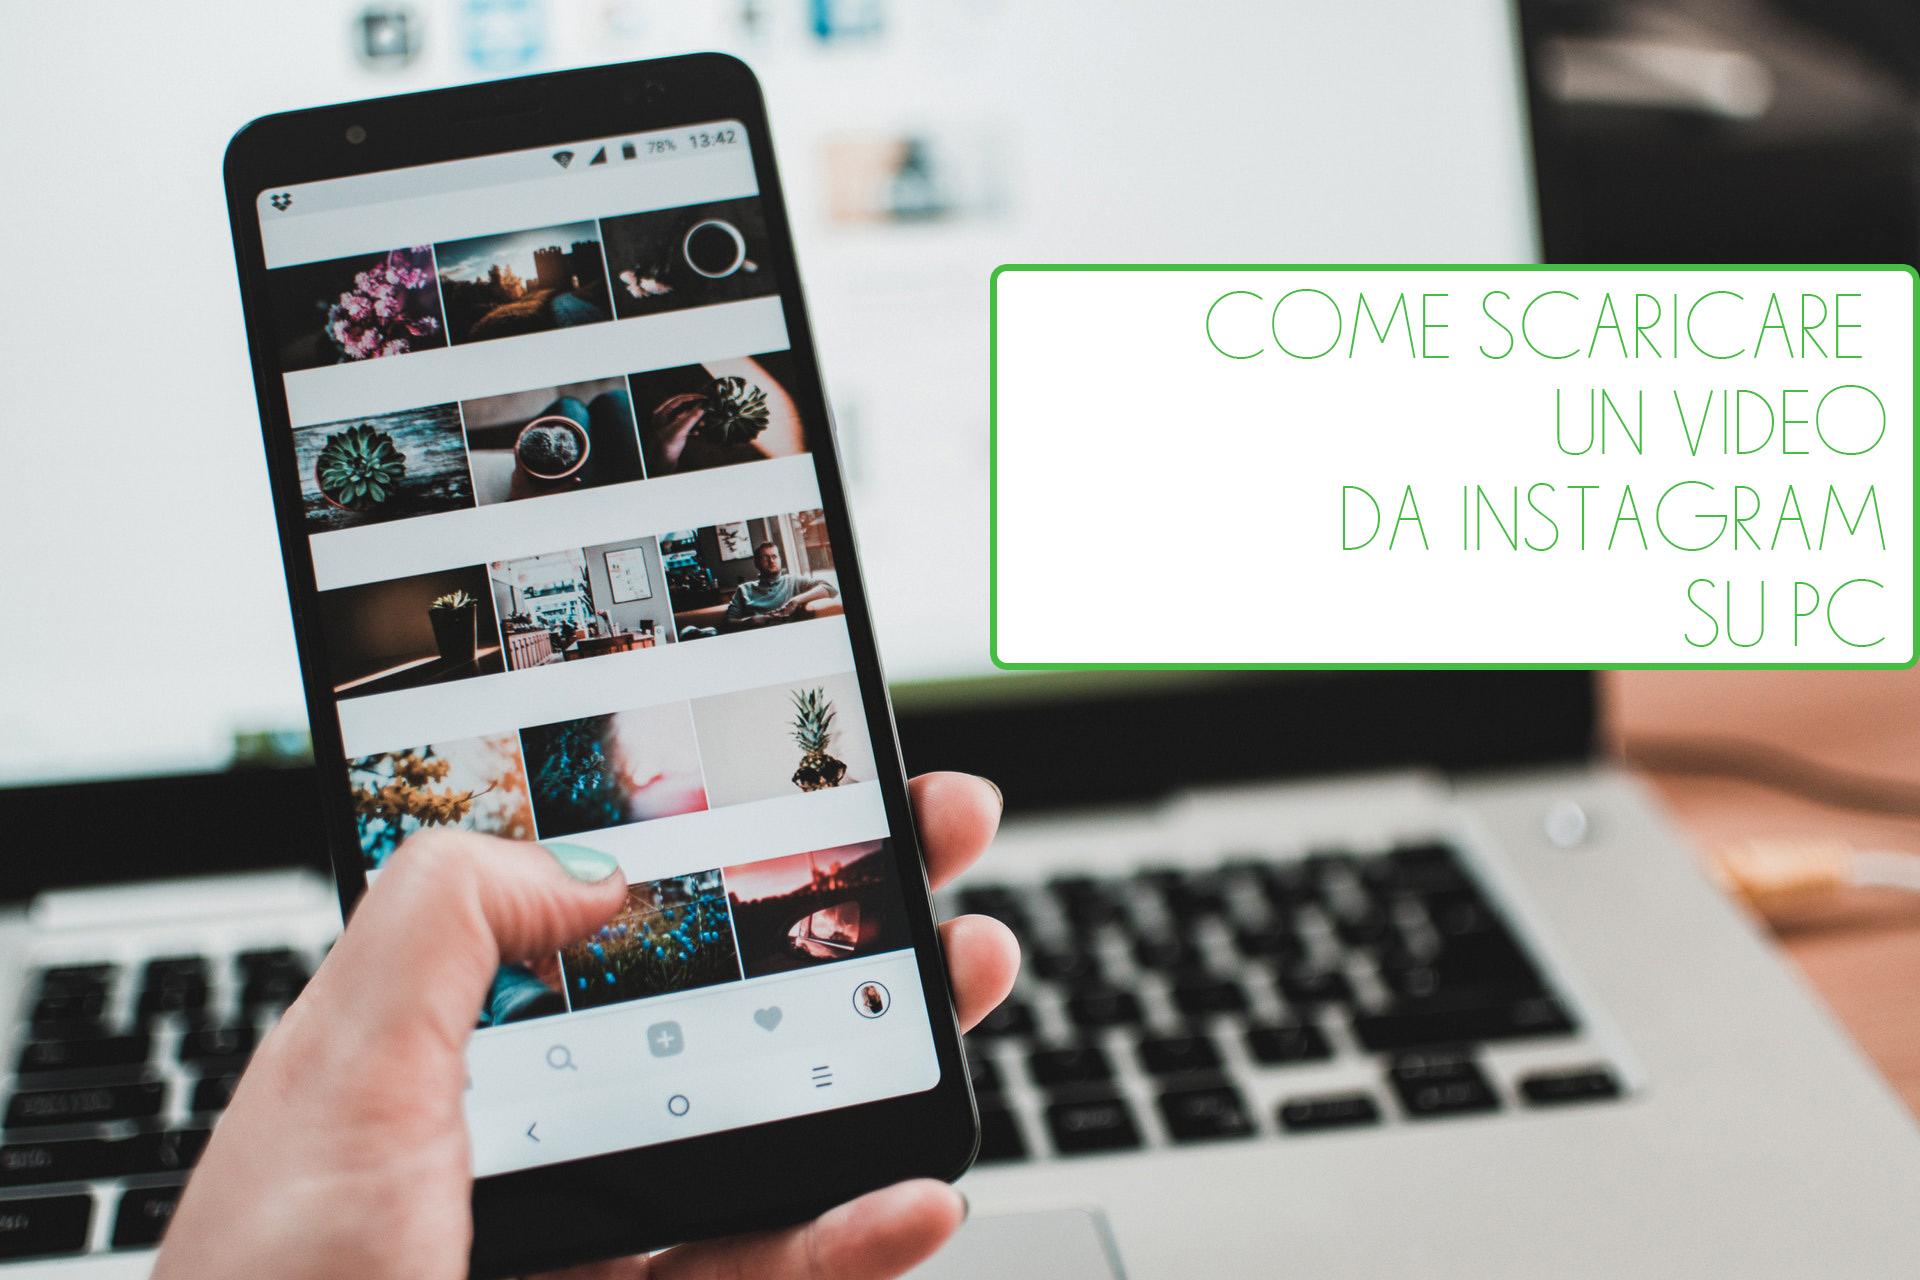 Come scaricare un video da Instagram su PC